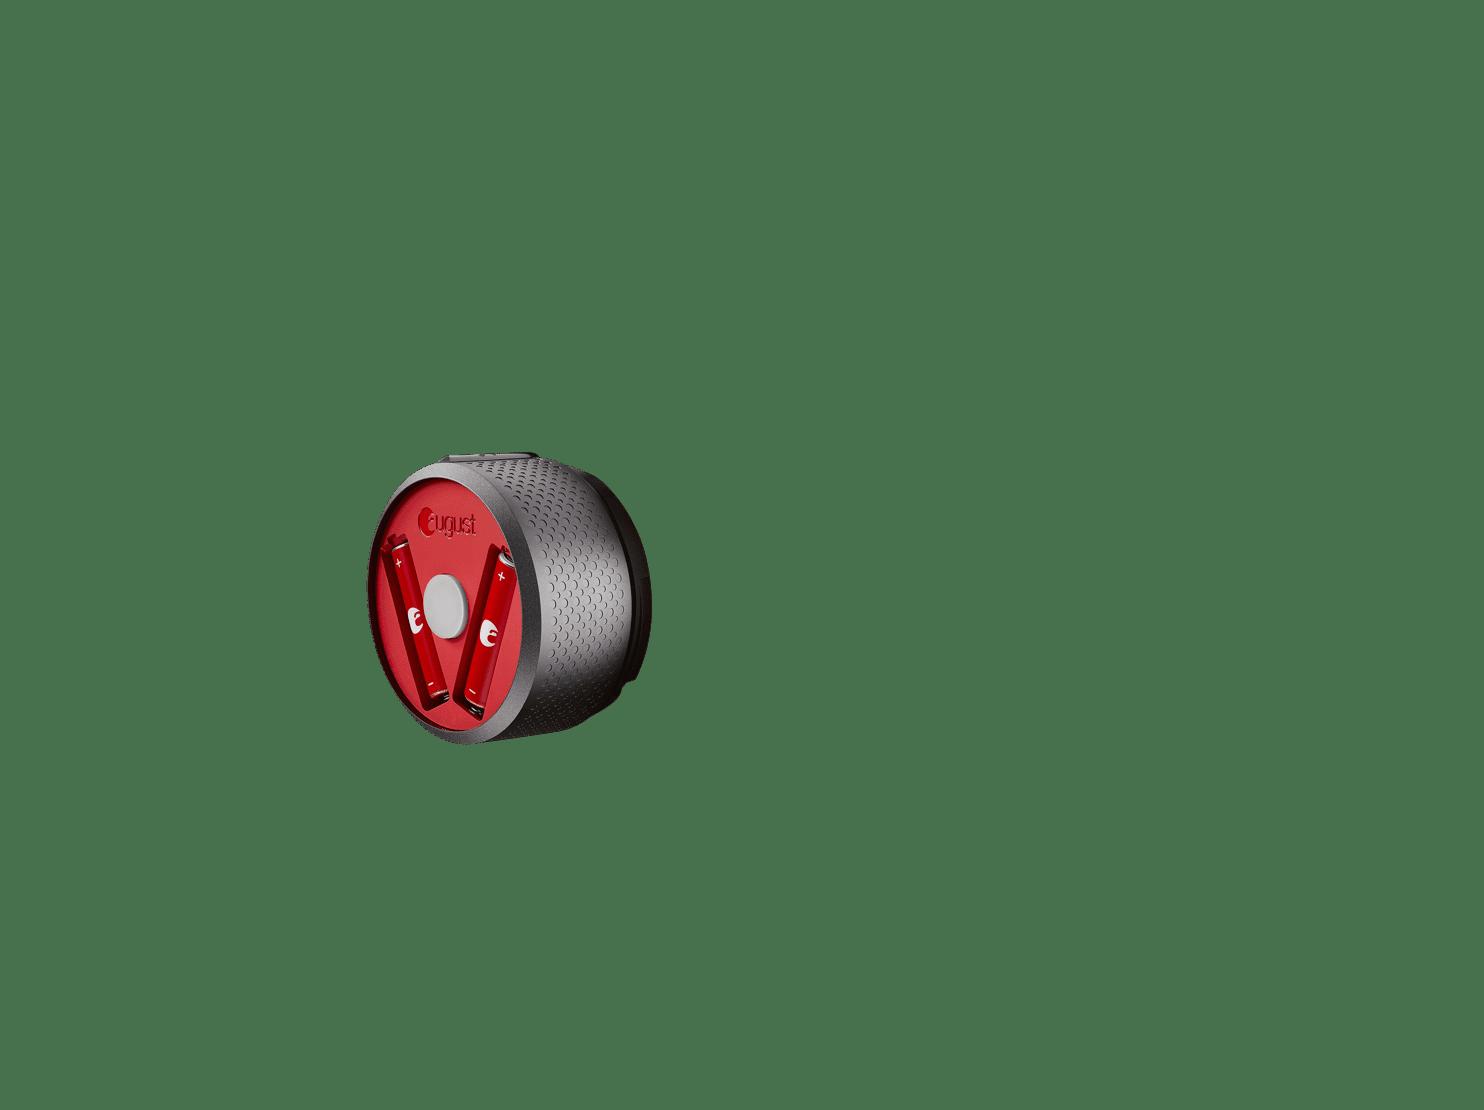 August Machine